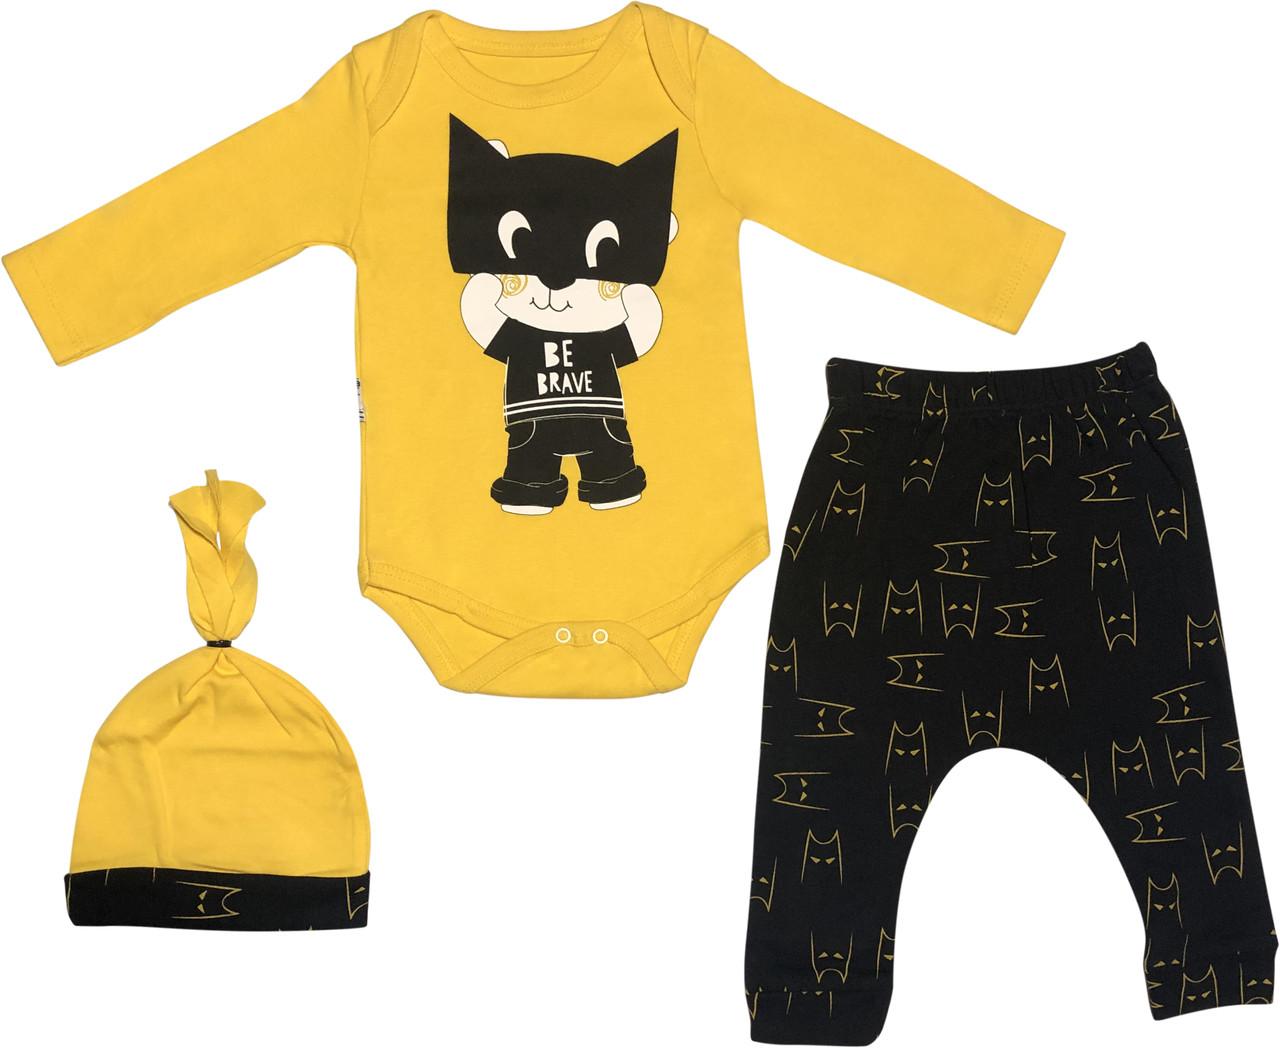 Костюм на мальчика рост 62 2-3 мес для новорожденных малышей комплект детский трикотажный хлопок жёлтый